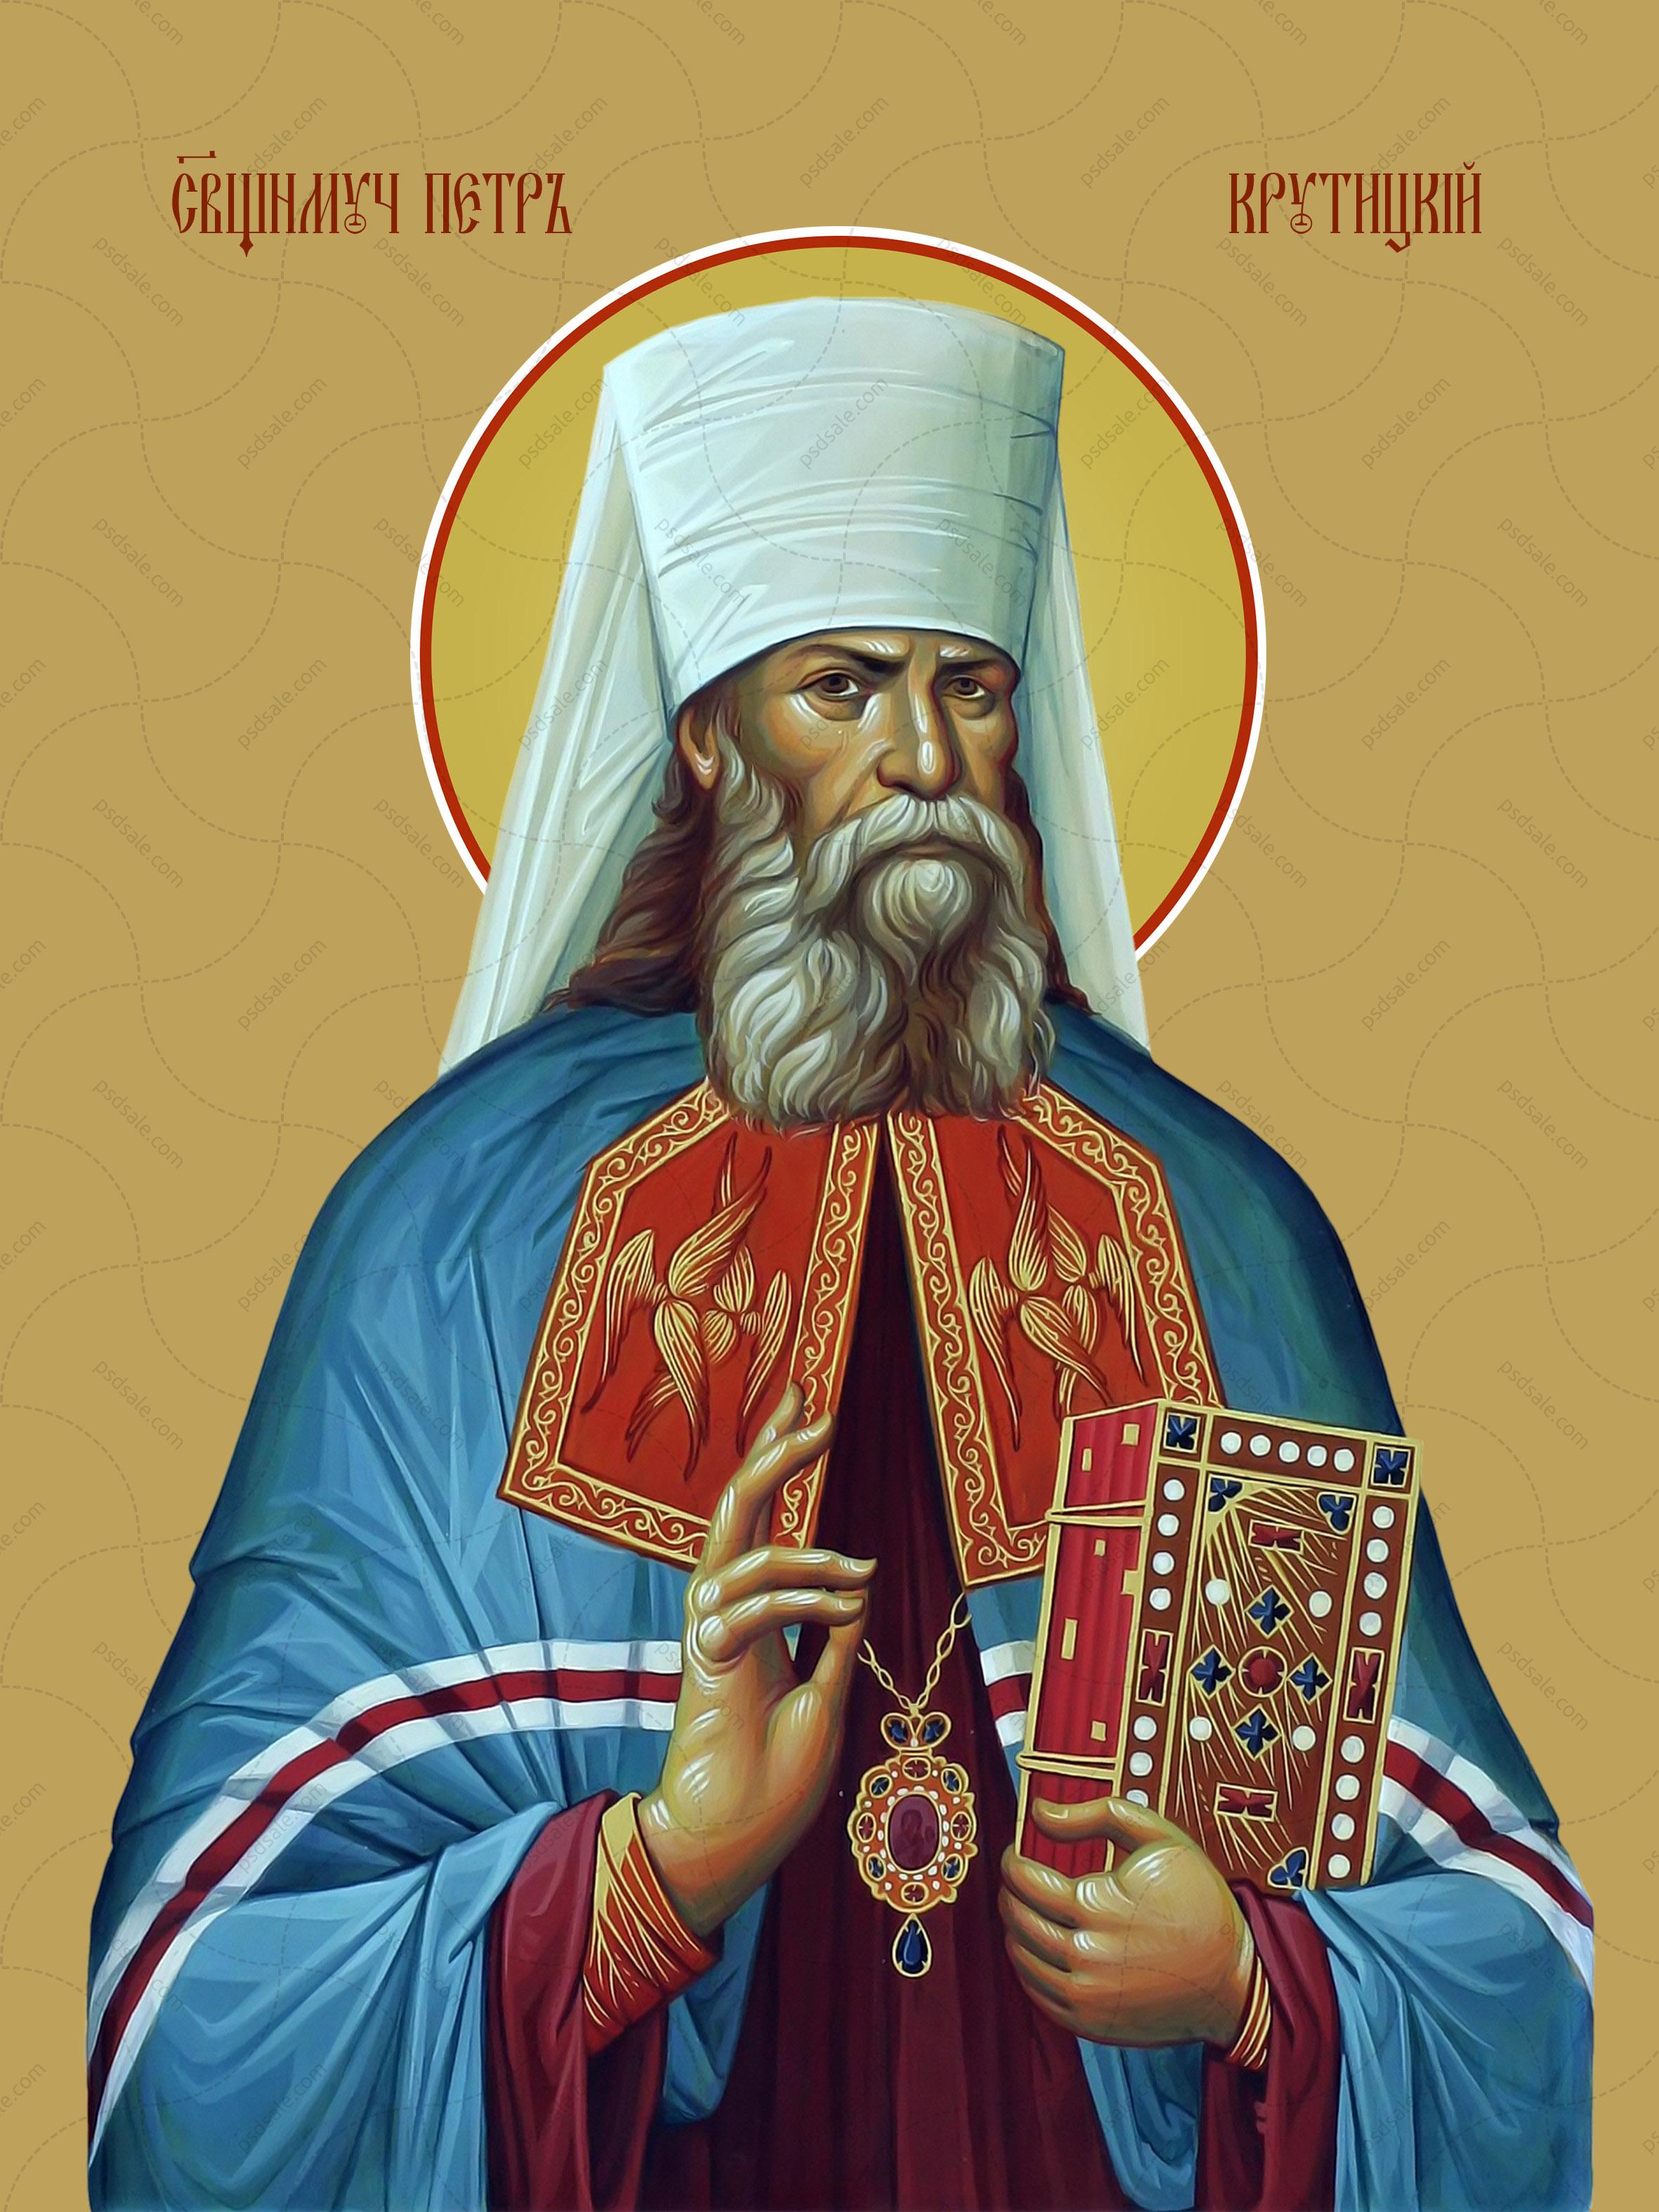 Петр Крутицкий (Полянский), священномученик